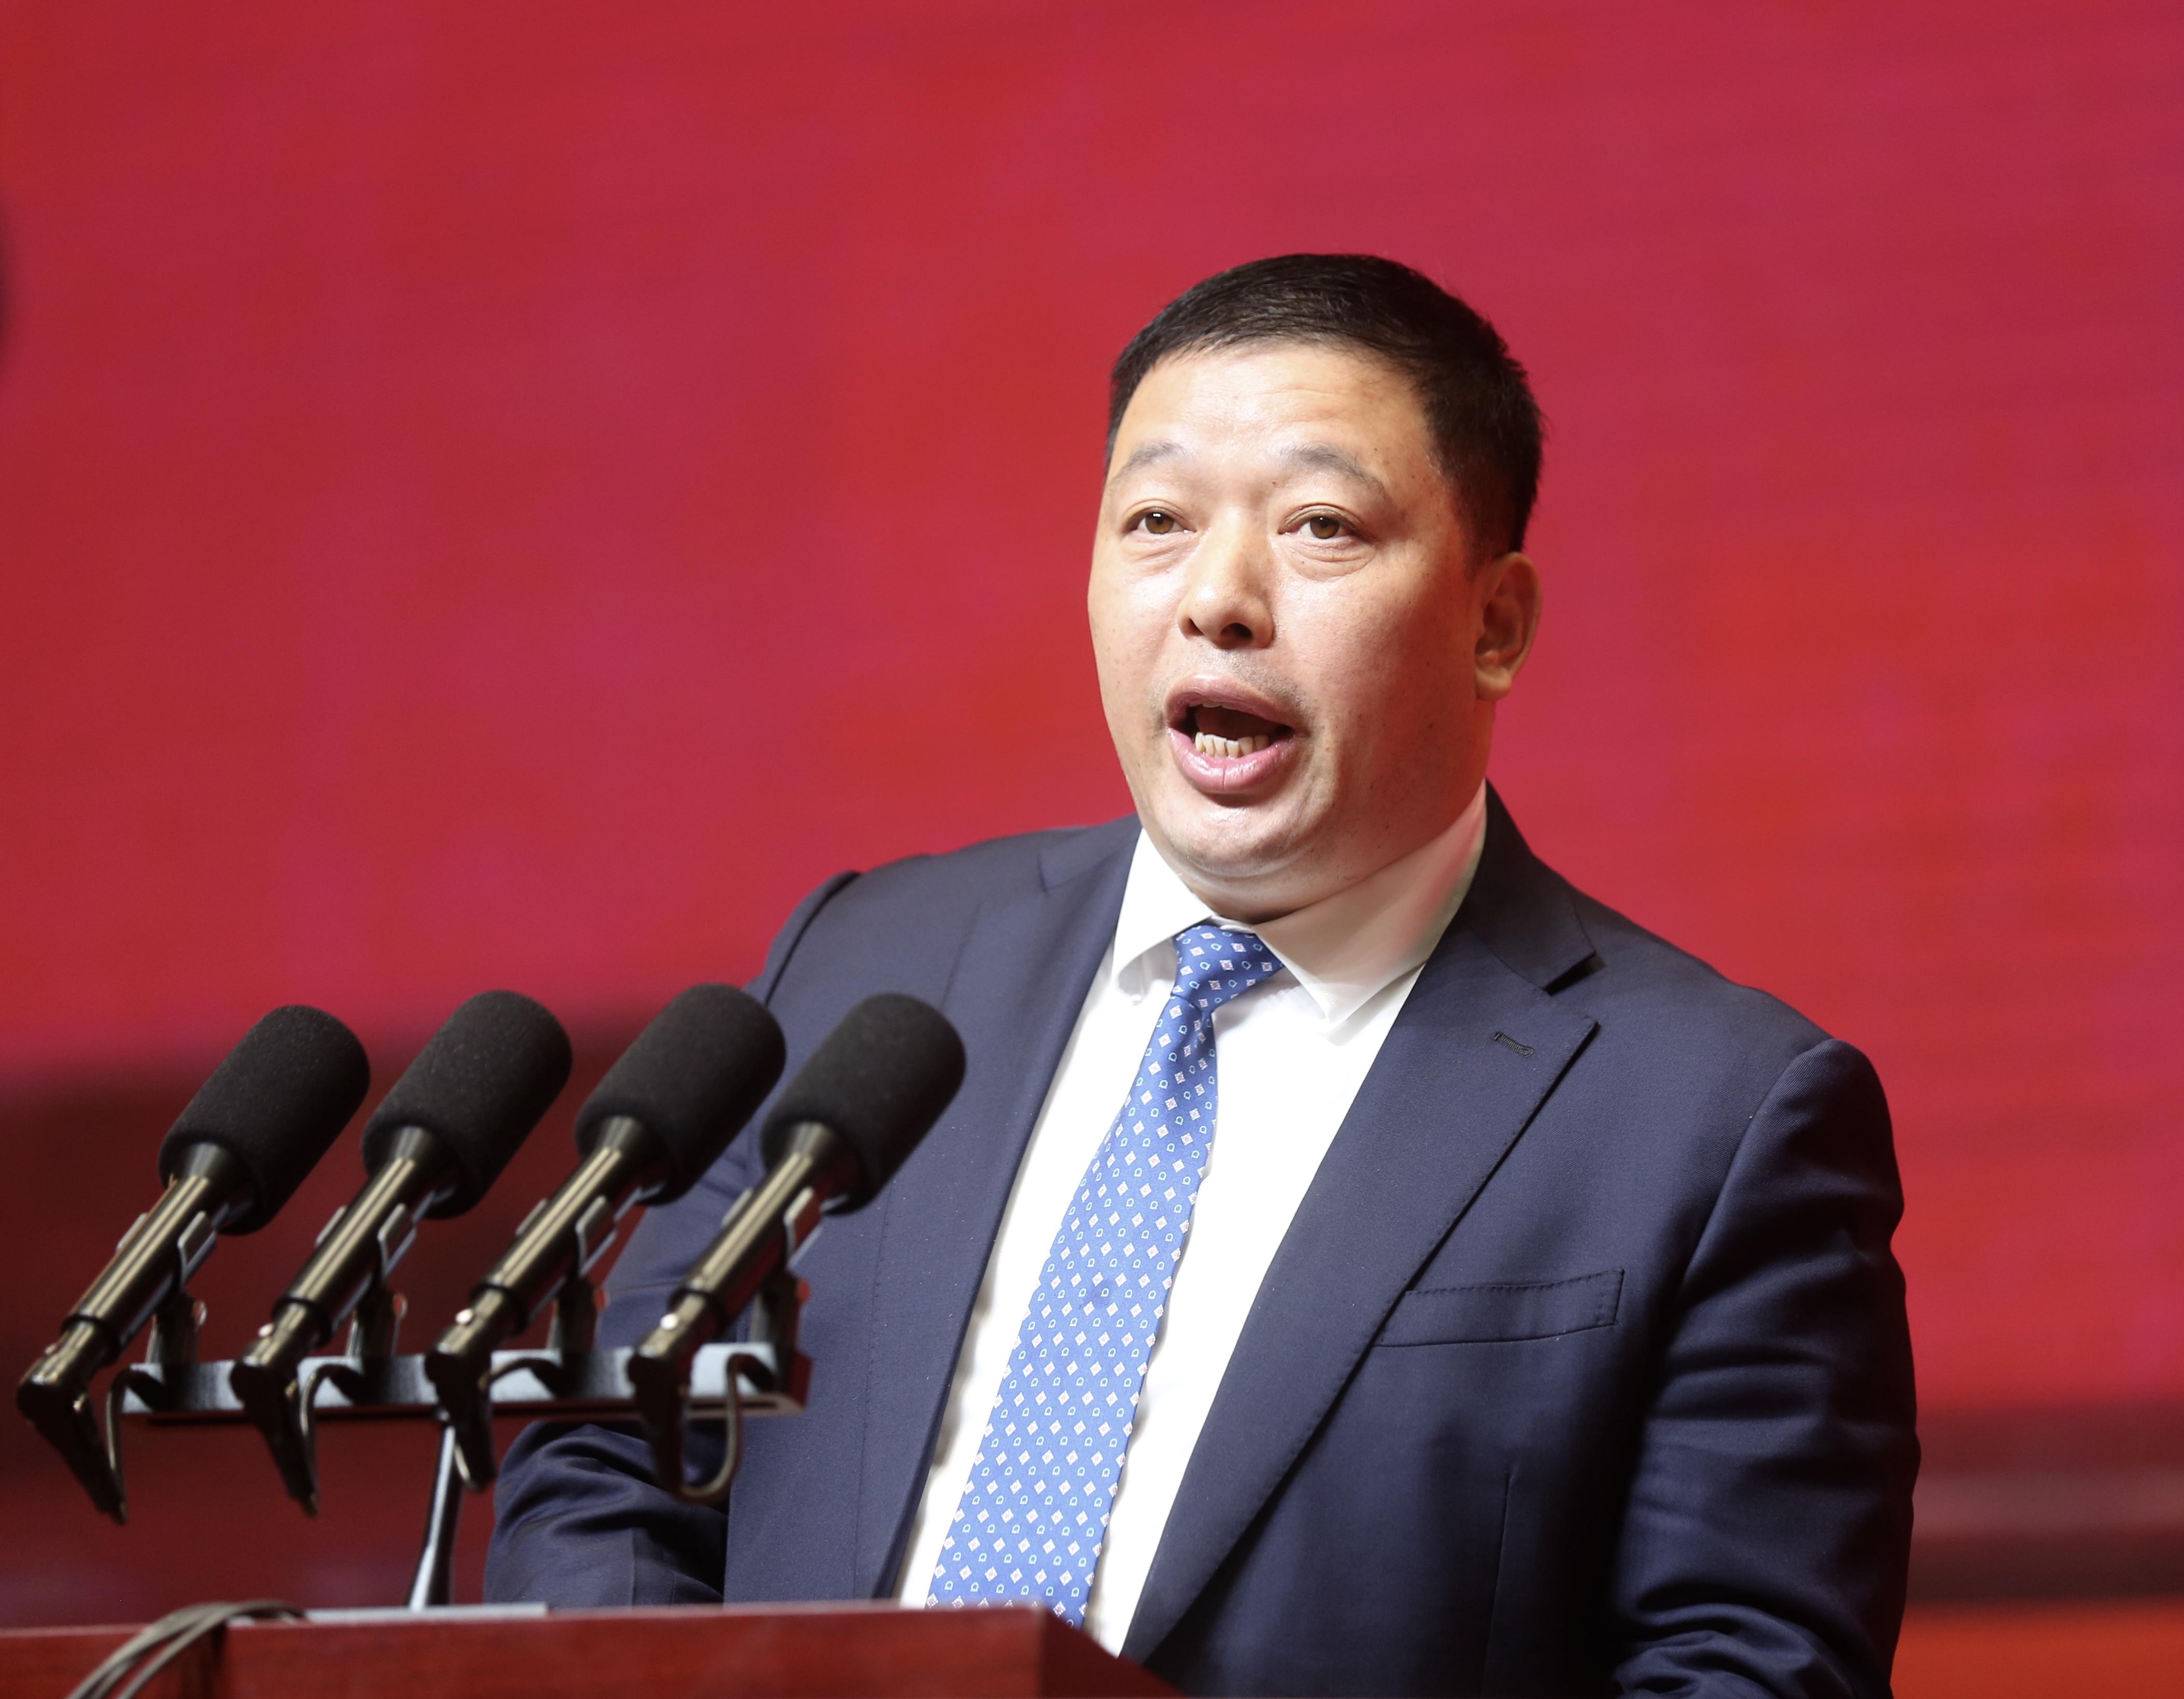 企业家代表恒力集团有限公司董事长、总裁陈建华发言